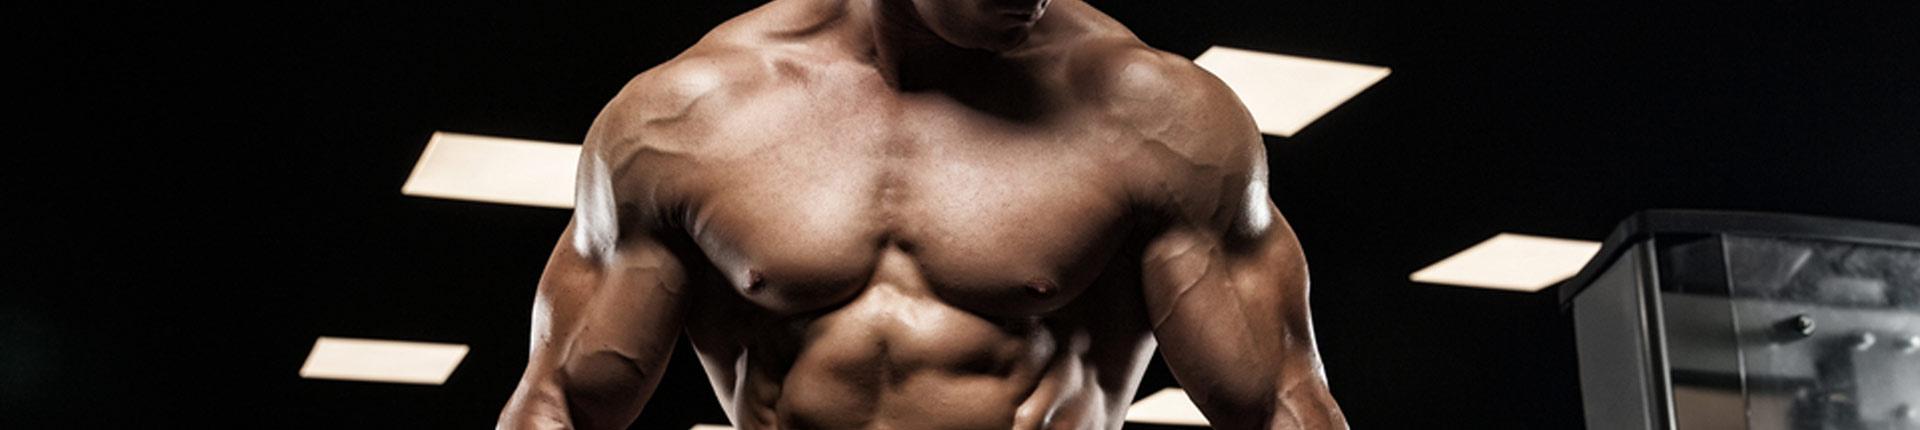 Beta-alanina - niezbędna suplementacja dla trenujących na siłowni?